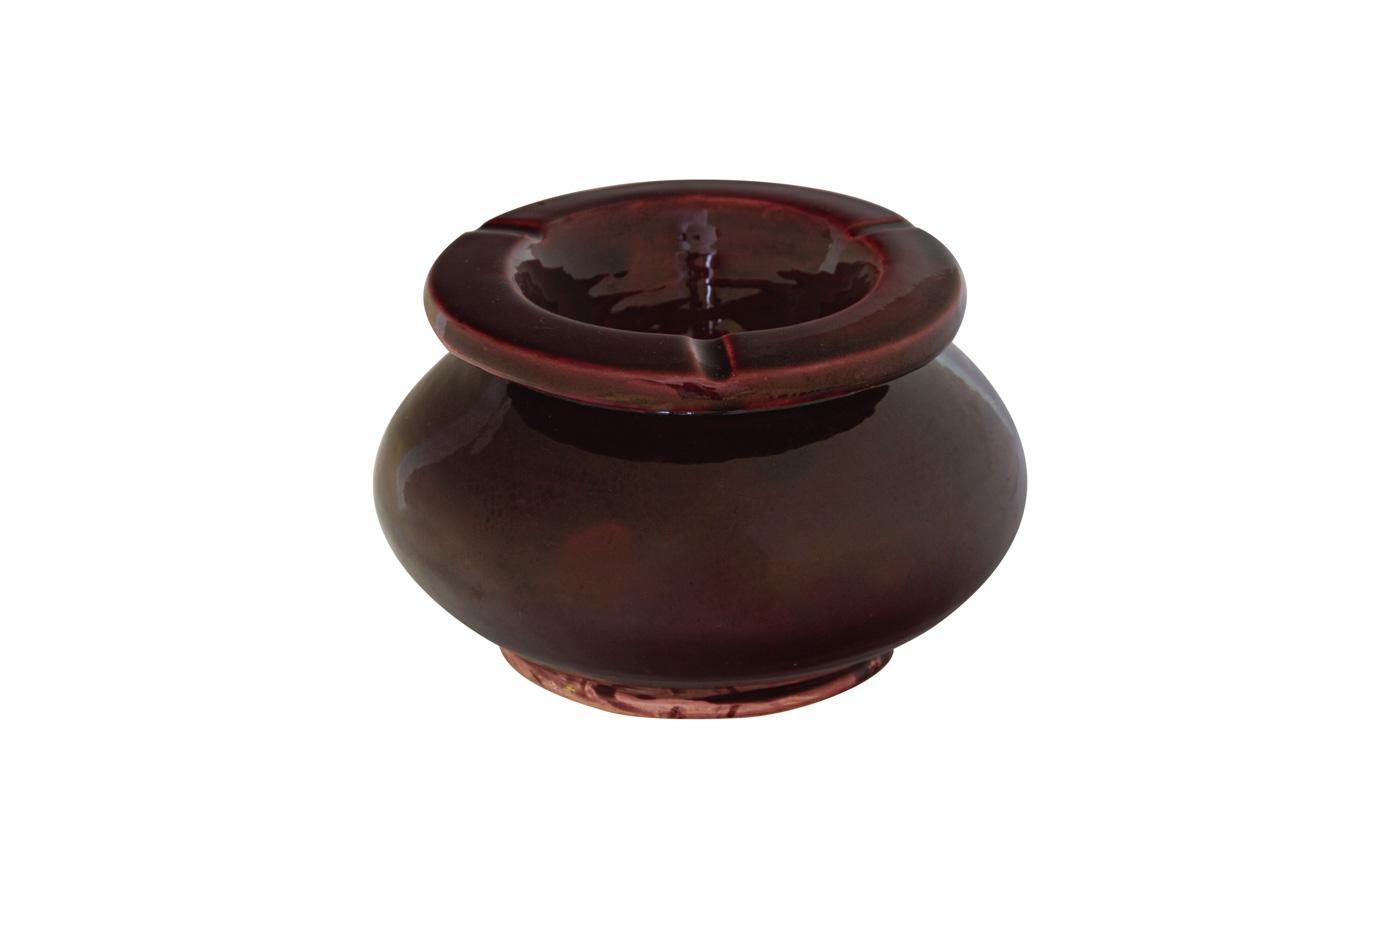 Moroccan ashtray in ceramic, dark red